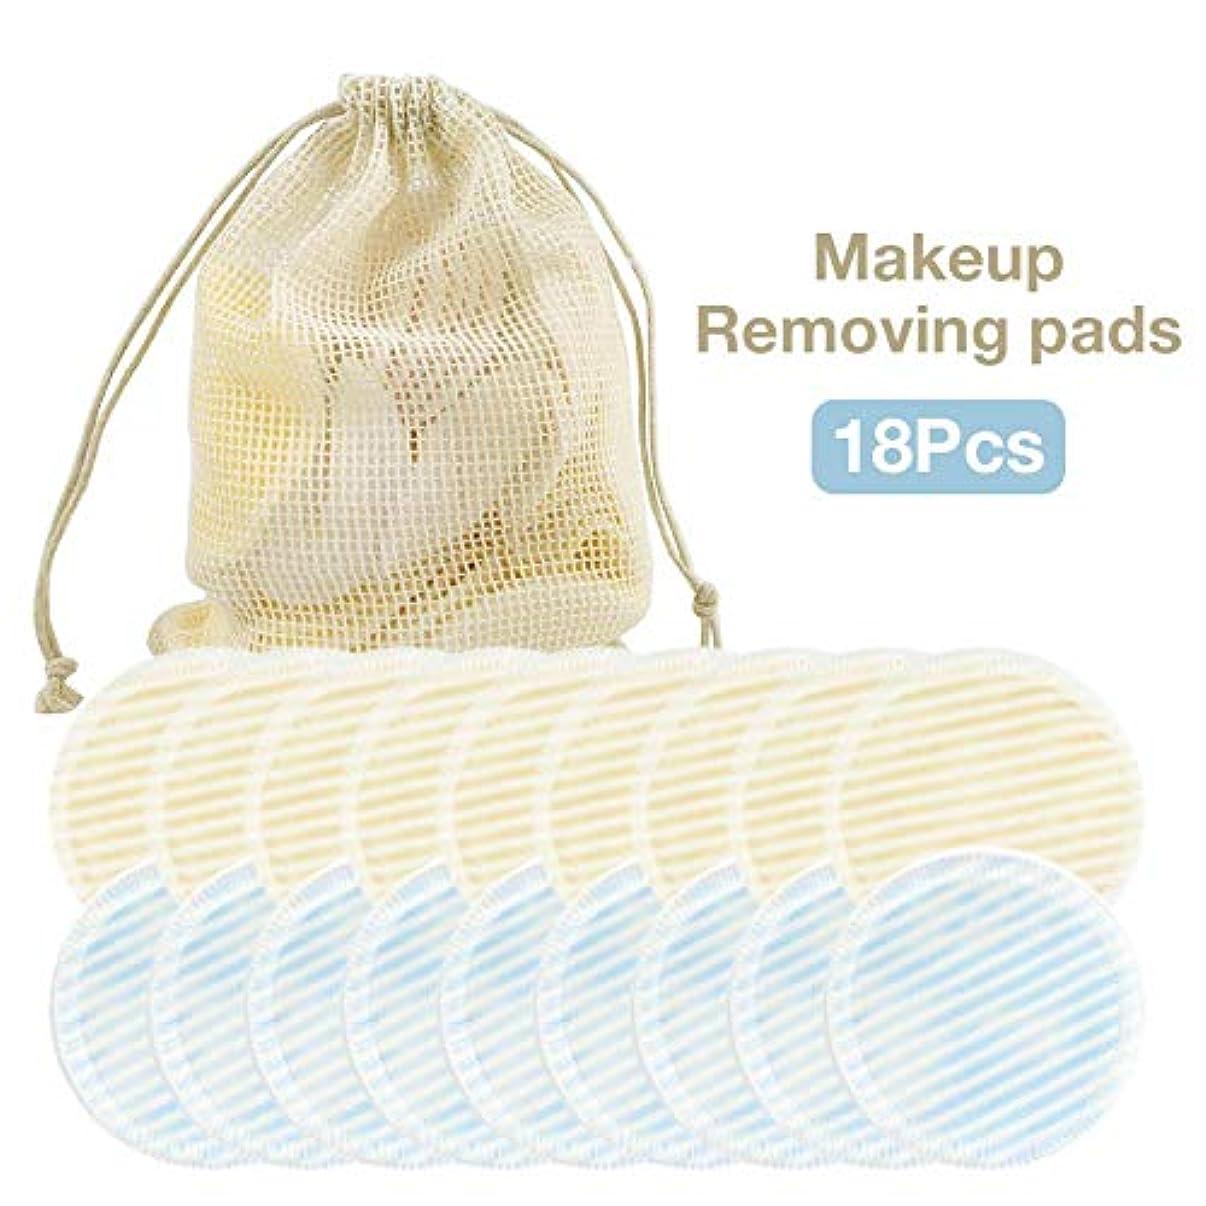 考案するマスク石鹸コットンパッド、18個のクレンジングコットン再利用可能な竹化粧リムーバーパッド、洗えるとすべての肌タイプの環境に優しいフェイスクリーナーとアイメイクアップリムーバーパッド